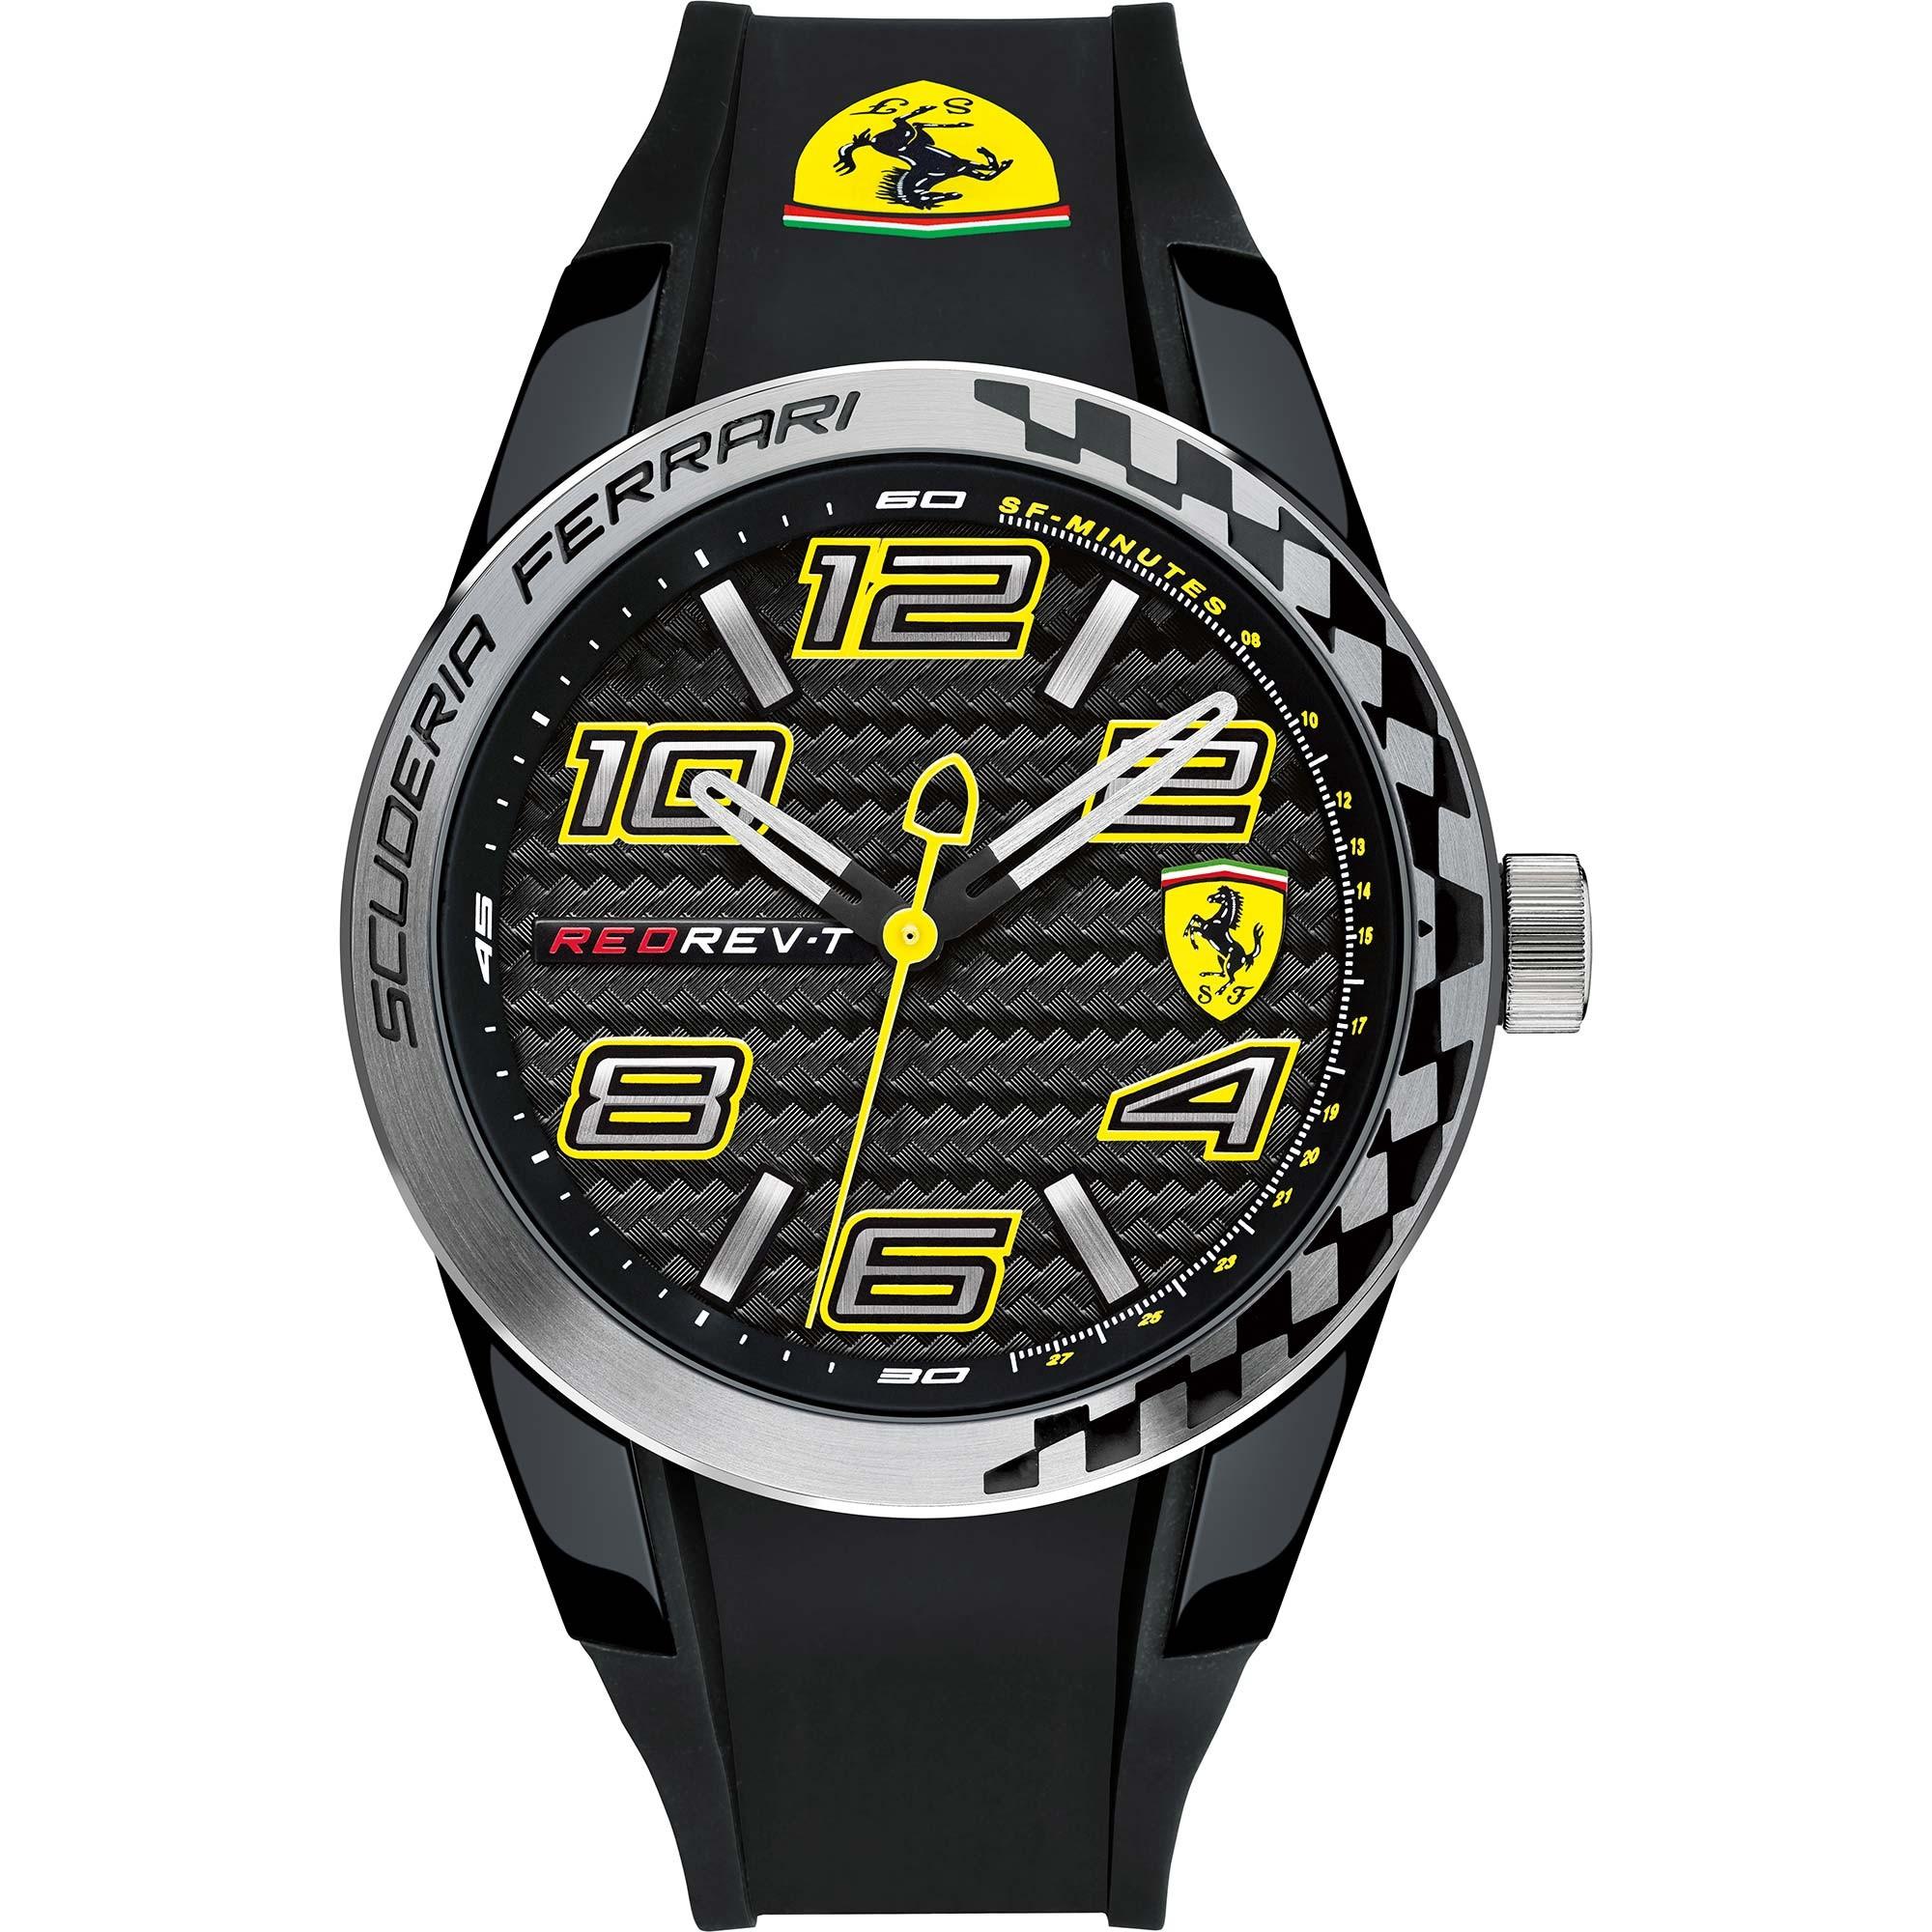 นาฬิกาผู้ชาย Ferrari รุ่น 0830223, RedRev T